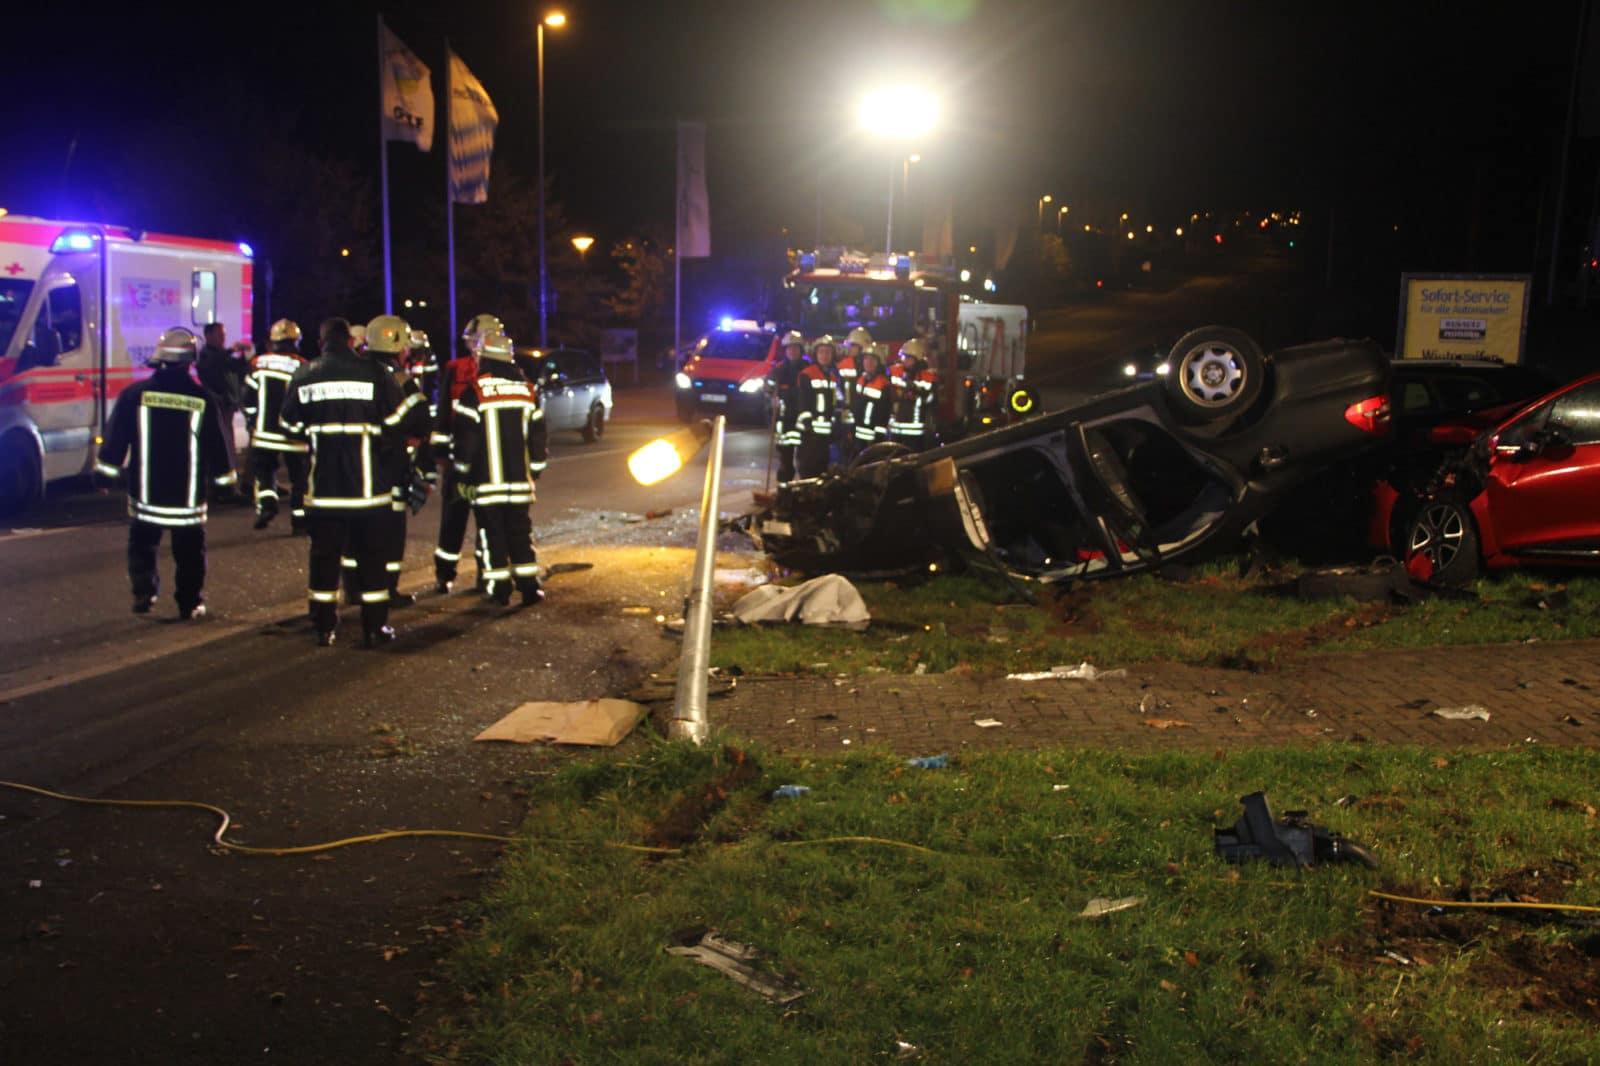 Verkehrsunfall St. Wendel Höhe Globus Tankstelle - Auto überschalgen